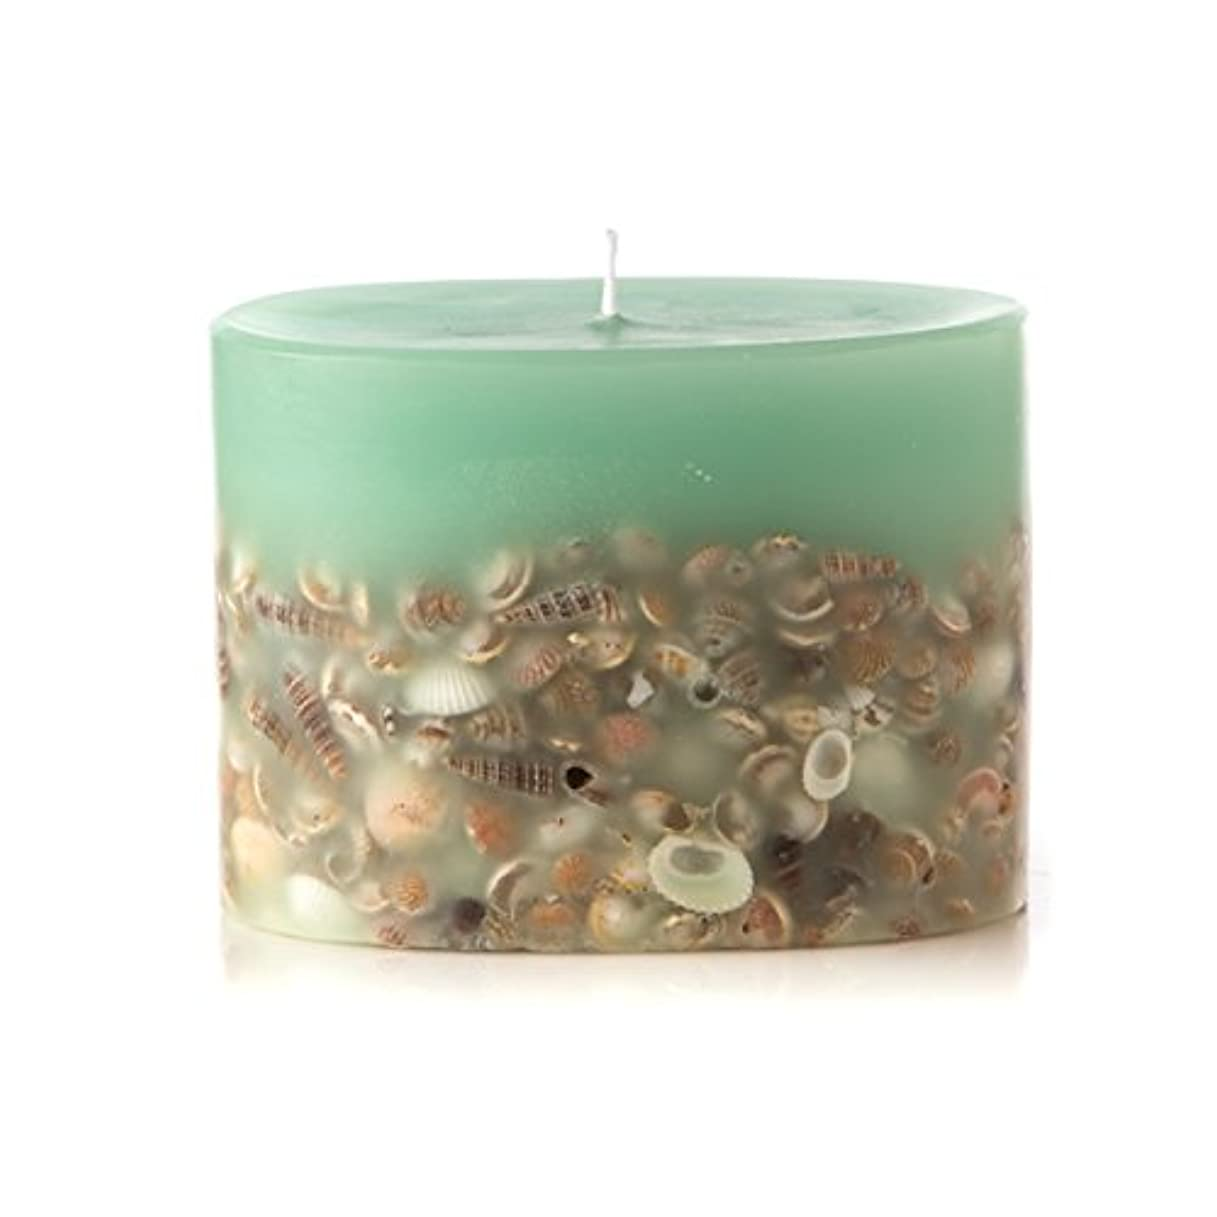 空気リズム形容詞ロージーリングス プティボタニカルキャンドル シーグラス ROSY RINGS Petite Oval Botanical Candle Sea Glass